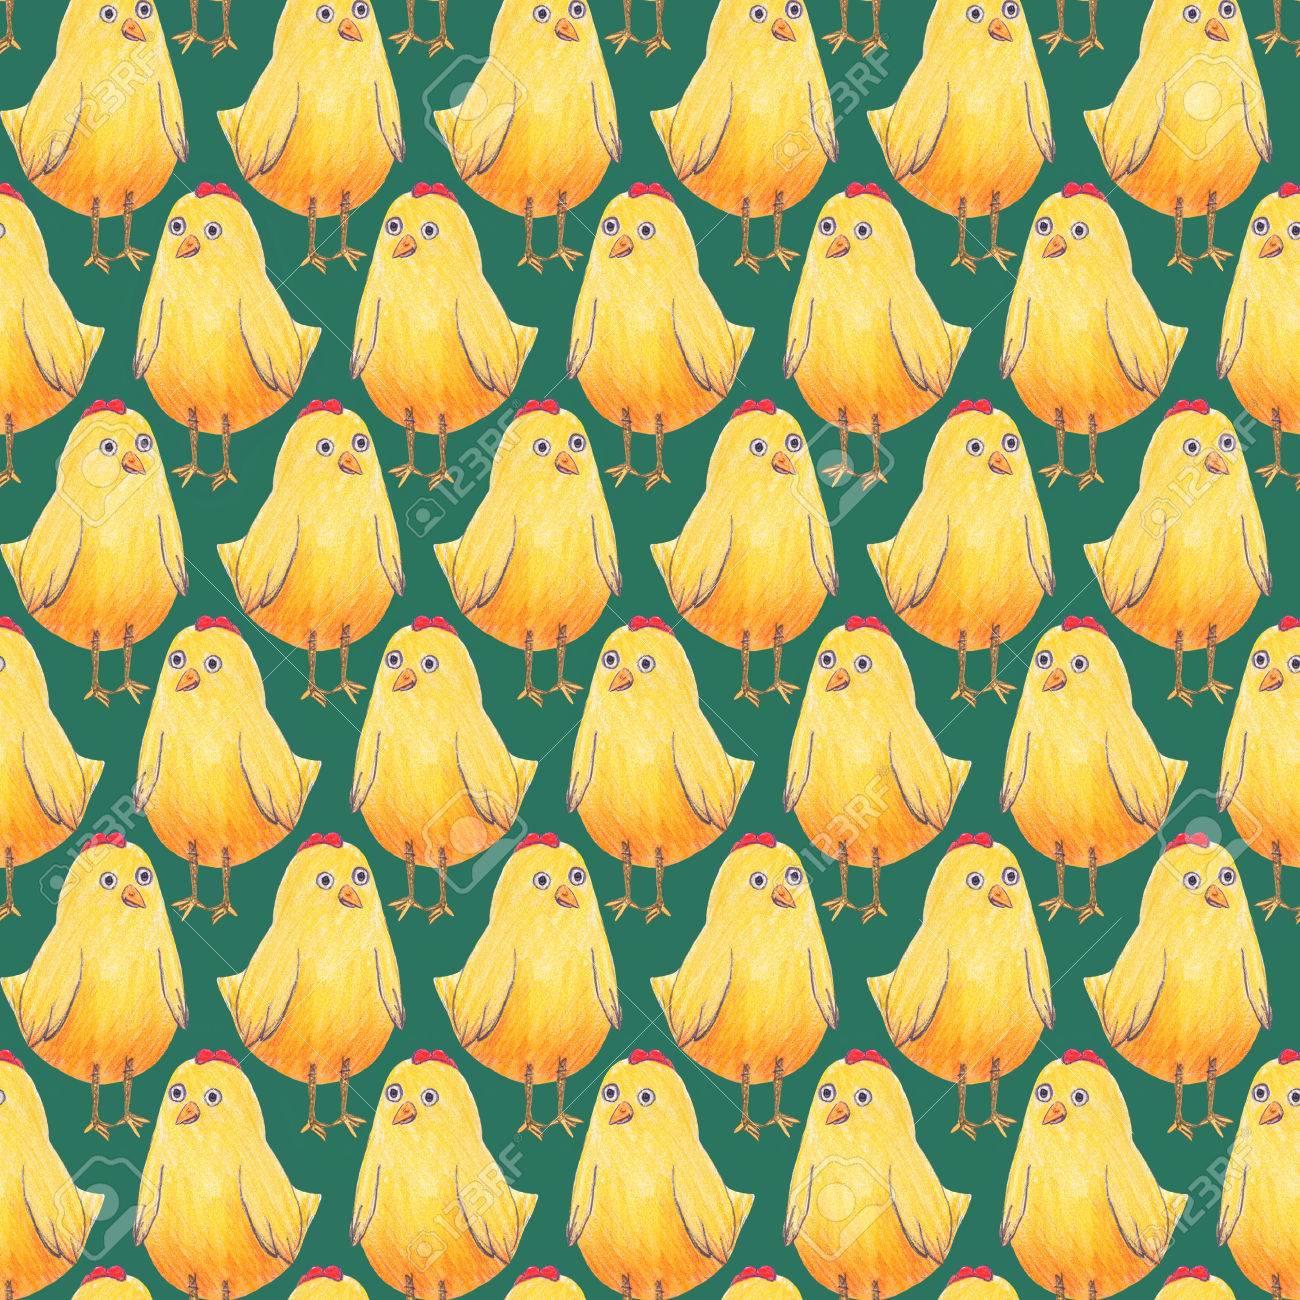 Modelo Inconsútil De Pascua De Fondo Con Pequeños Pollos Amarillos ...